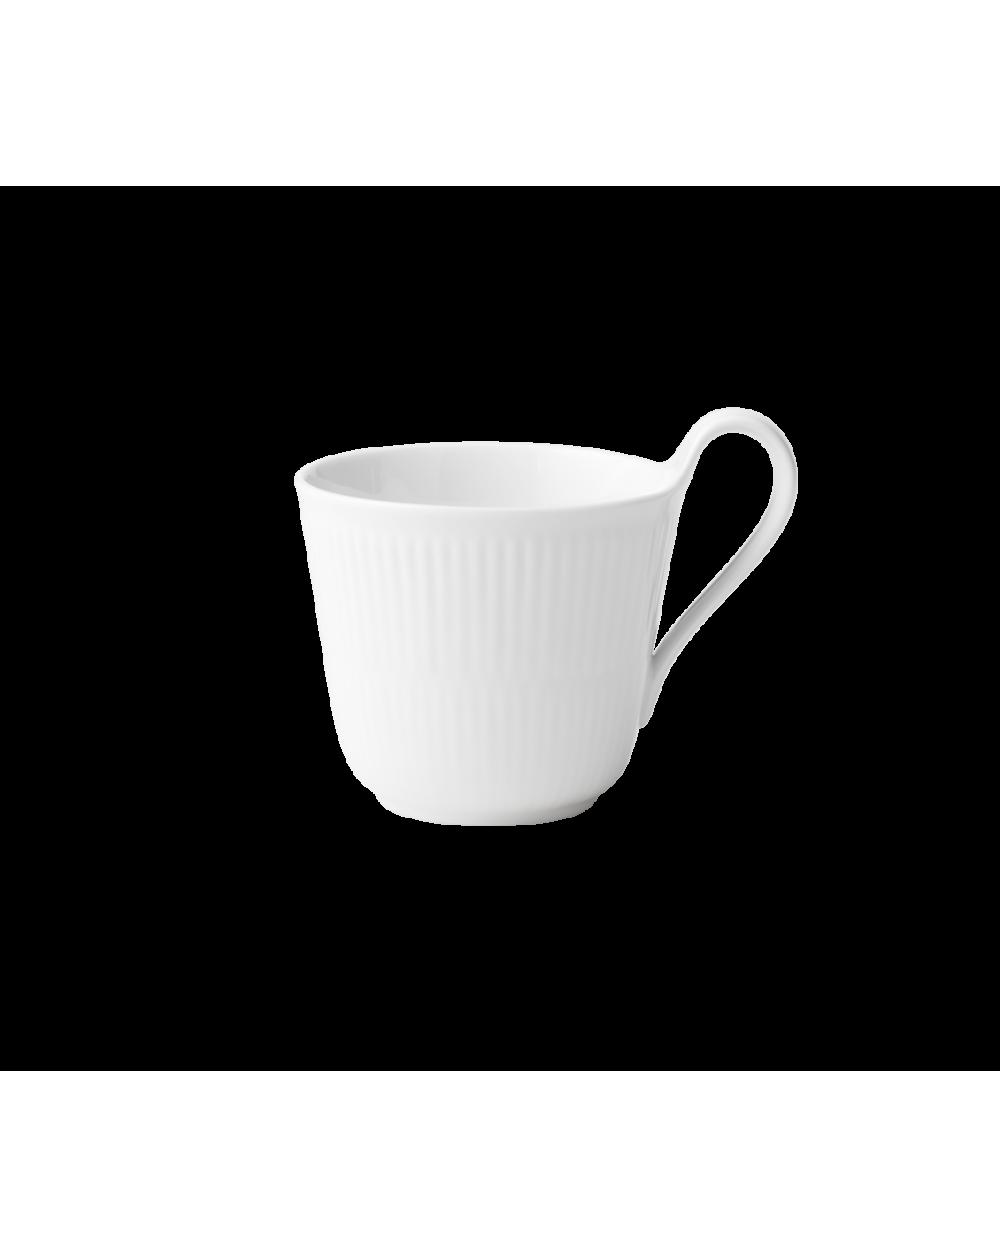 MUG WHITE PLAIN